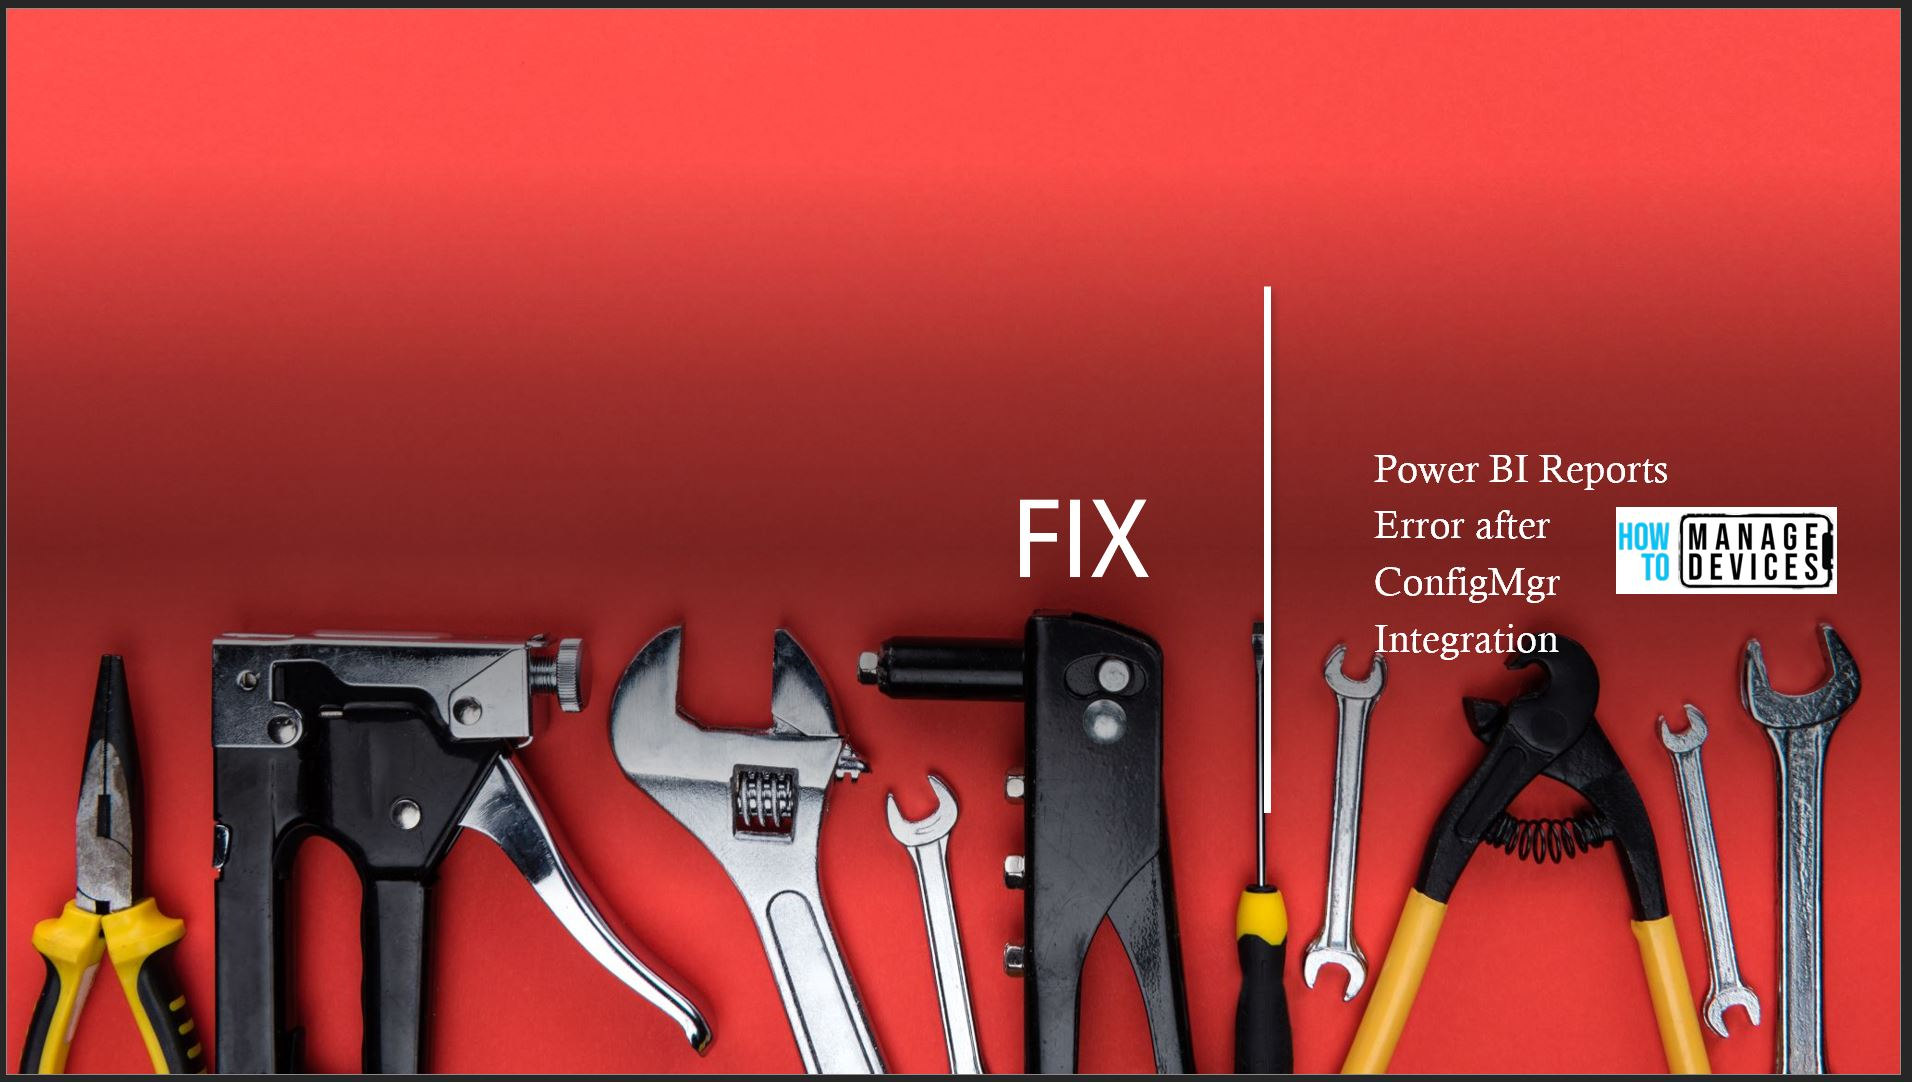 Fix Power BI Error